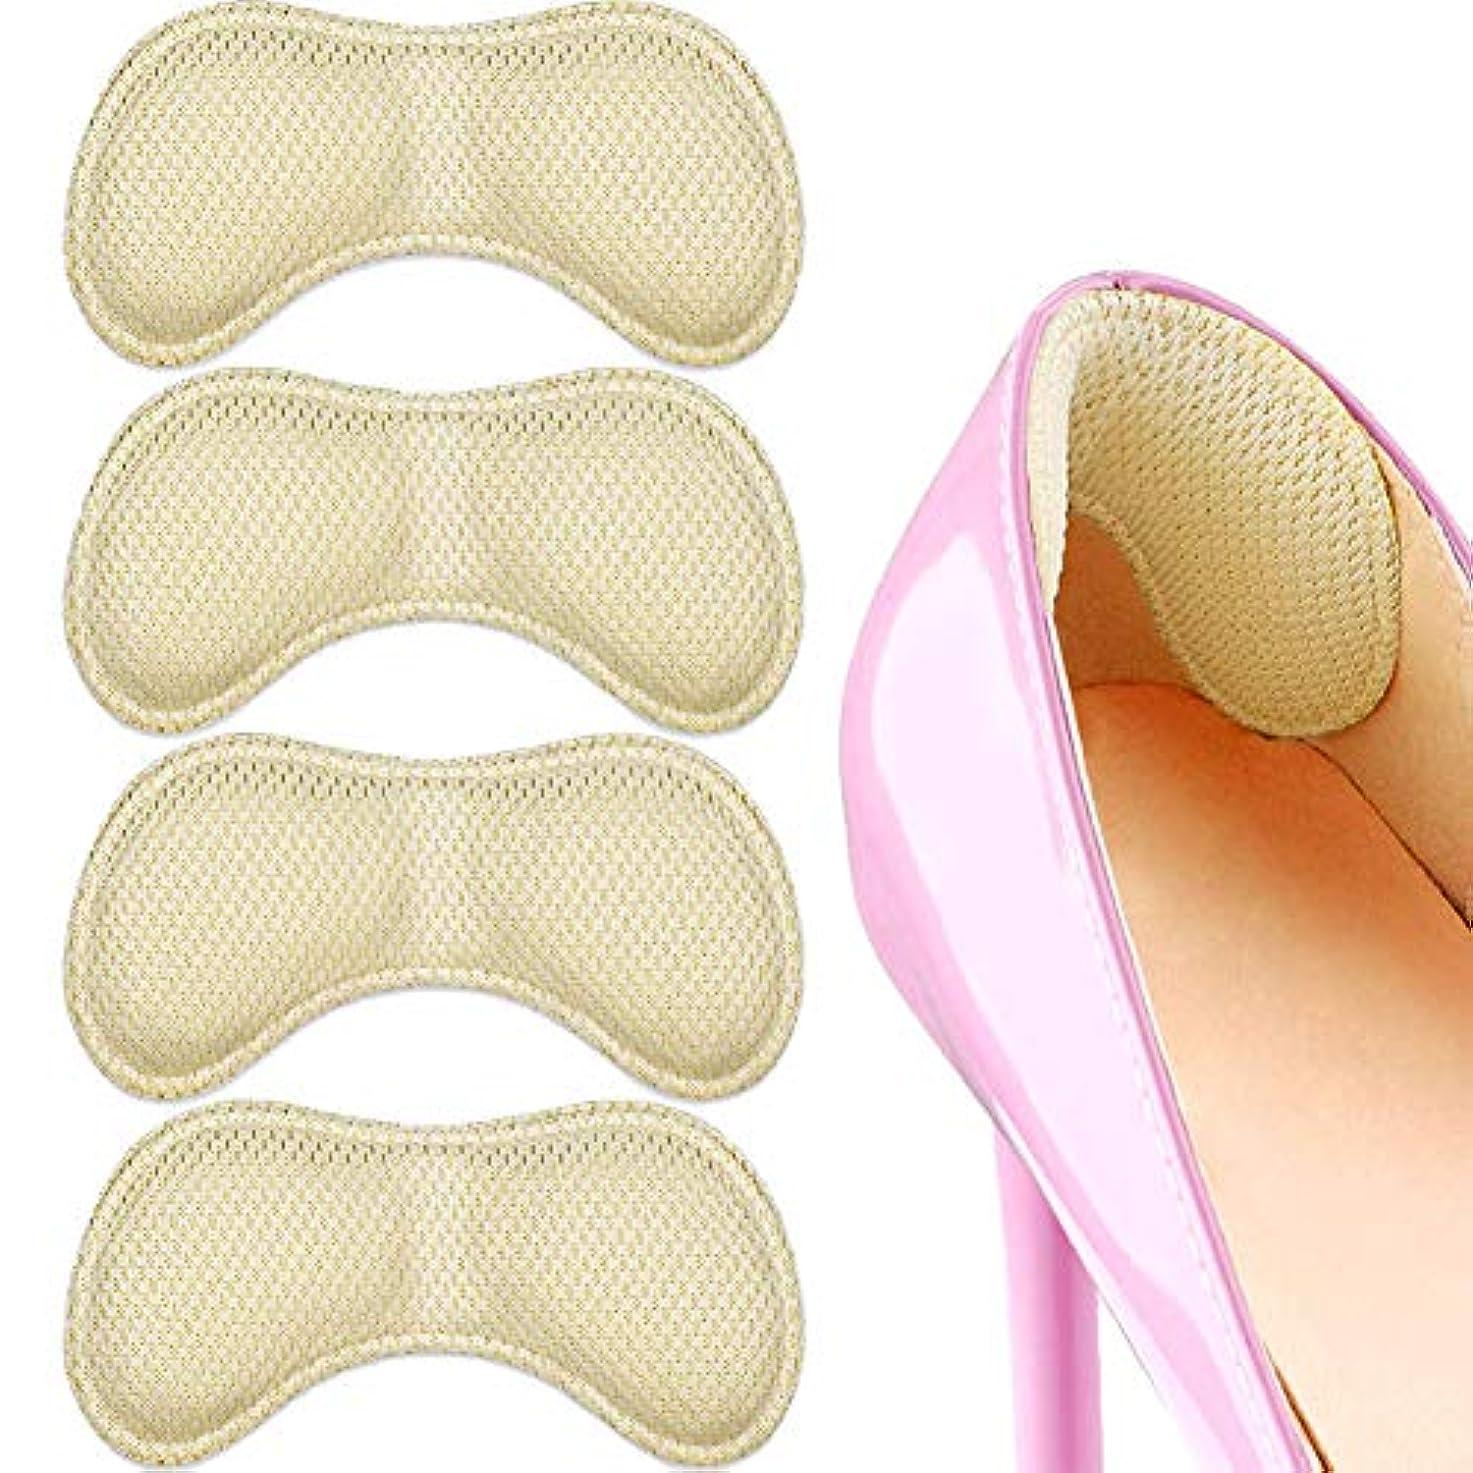 敷居とらえどころのない誠実Reccy かかと靴ズレ防止パッド,パカパカ防止 ヒールパッド 靴擦れ痛み緩和 かかとパッド かかと クッション 靴擦れ防止 パッド テープ 靴の滑り止め用品 靴ぬげ対策 靴ズレ防止ジェル かかとインソール 革靴 ハイヒール パンプス 靴のサイズ調整2足分入り